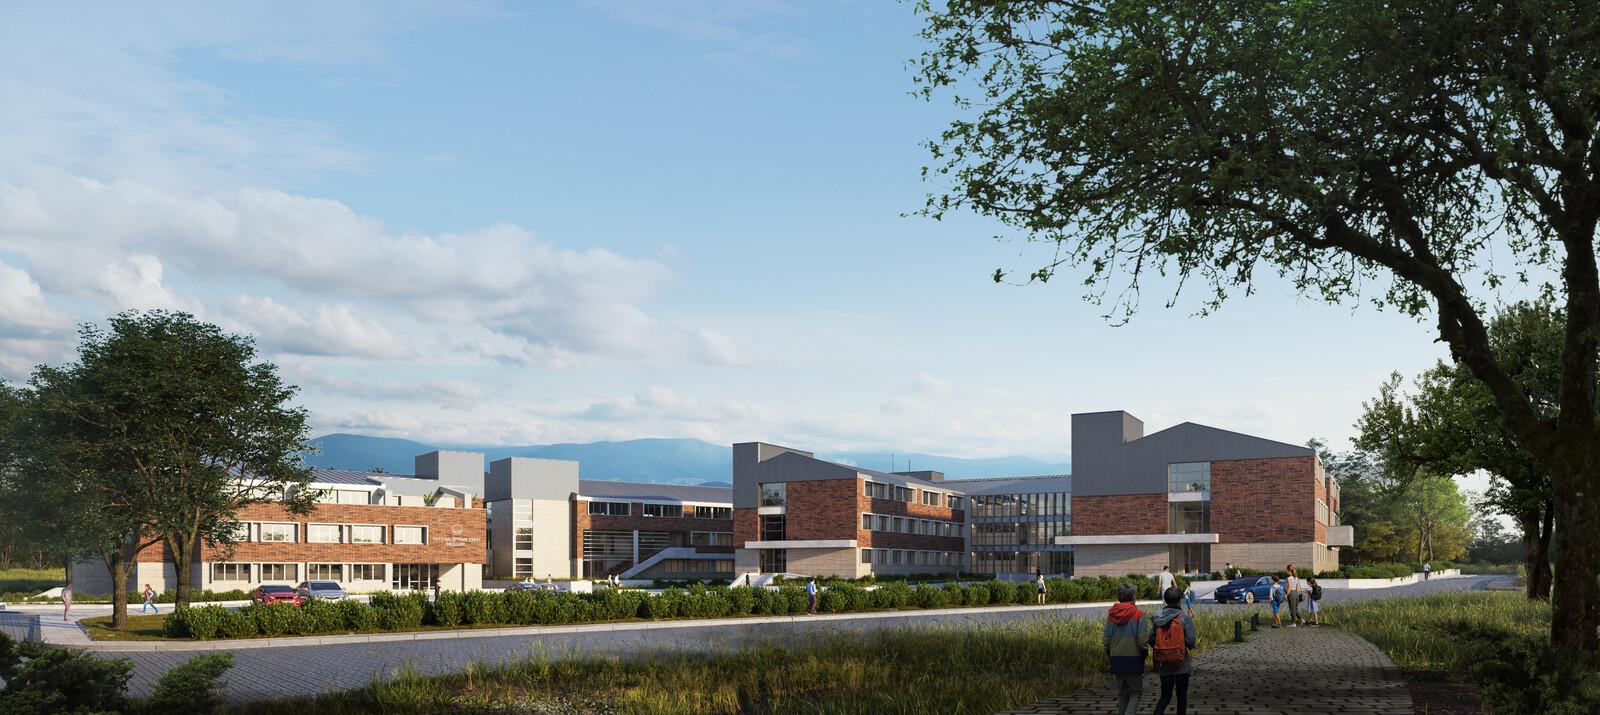 Izmir Metu Campus